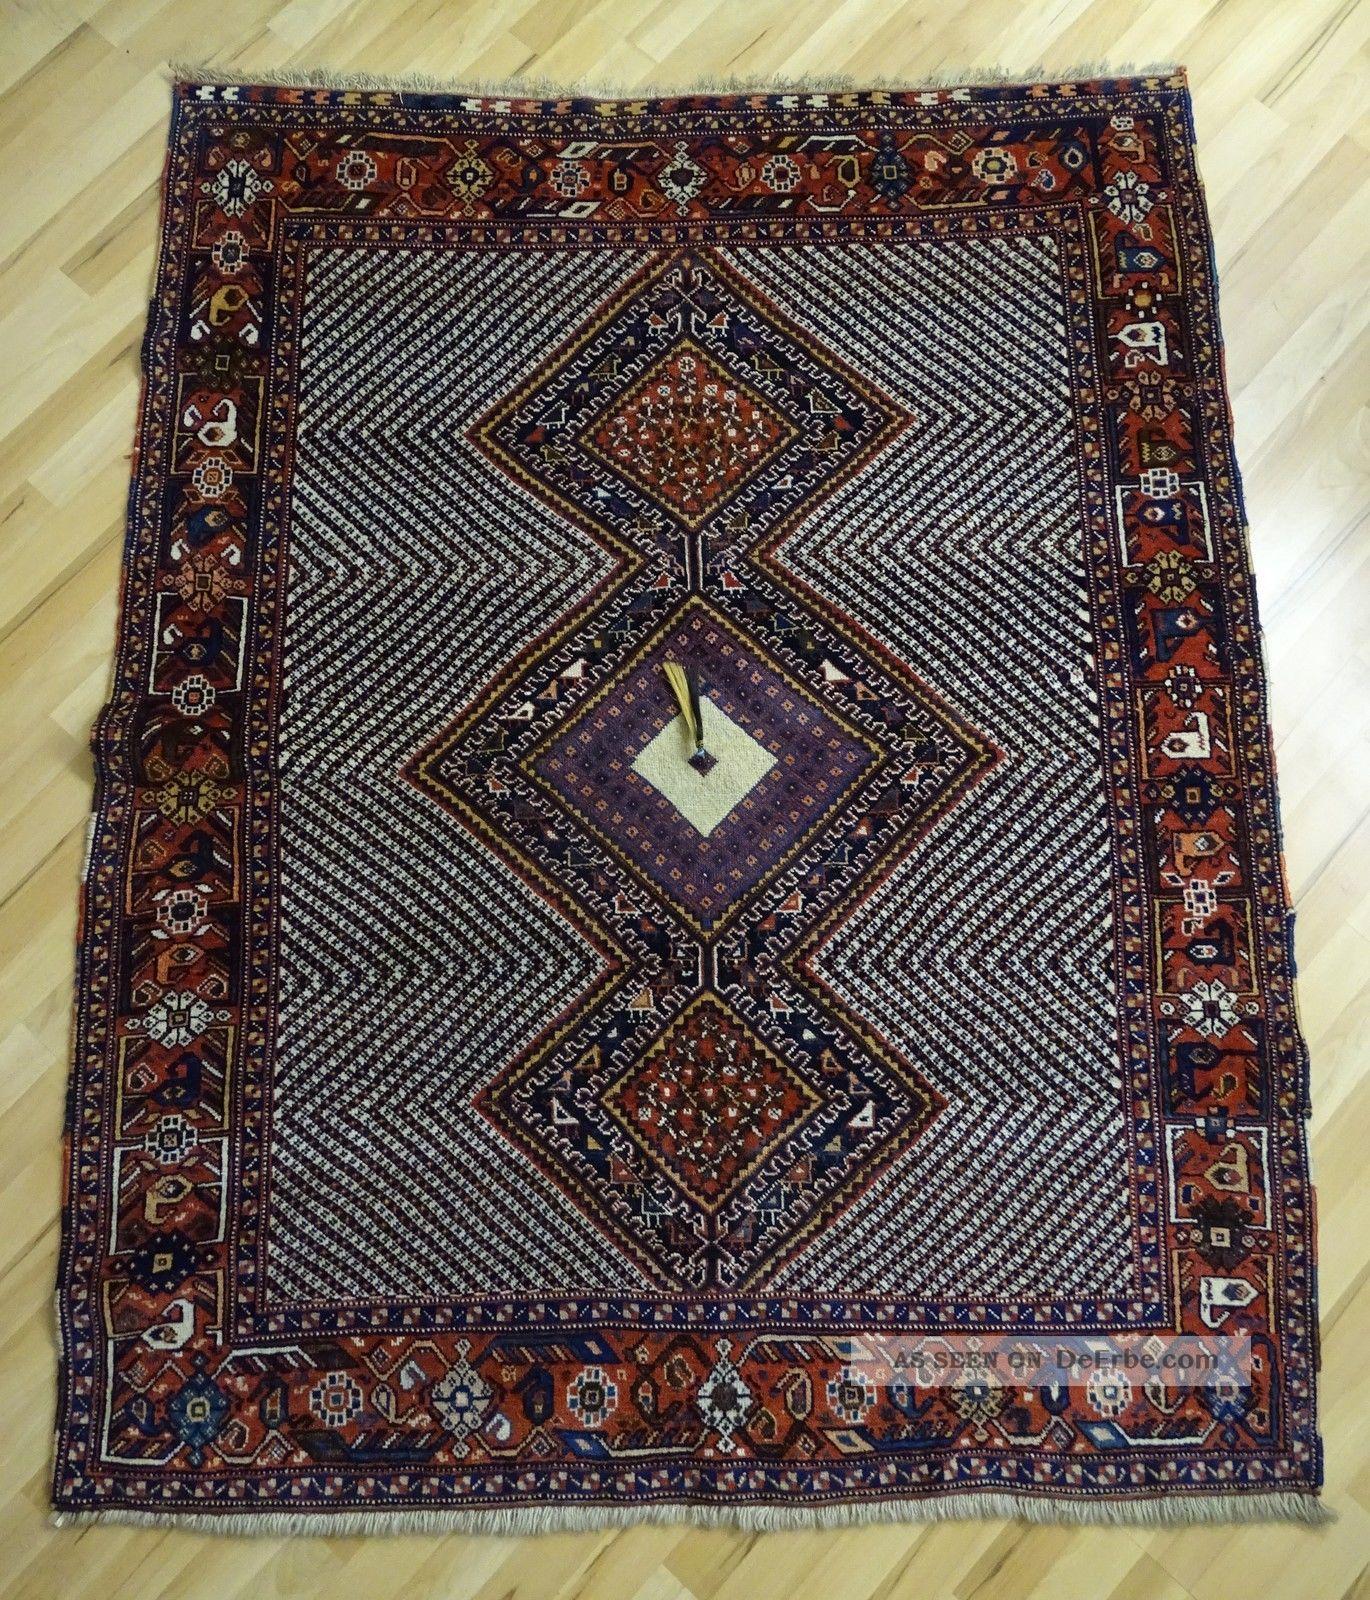 Süd - Persien Afshar Orient Teppich Mit Quaste 180 X 140 Geknüpft 1950 - 1960 Teppiche & Flachgewebe Bild